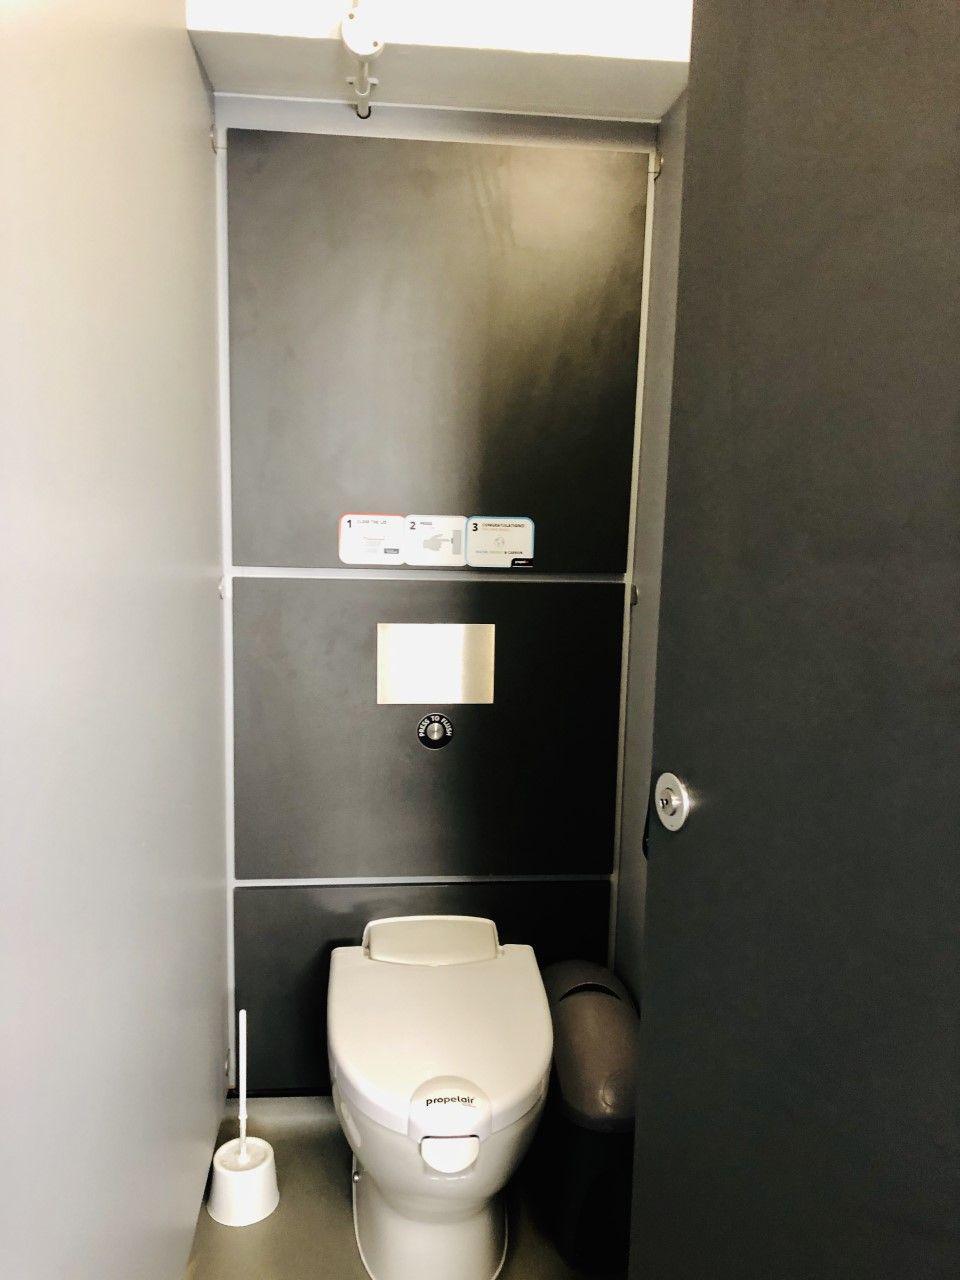 Image may contain: Door, Bathroom, Toilet, Indoors, Room